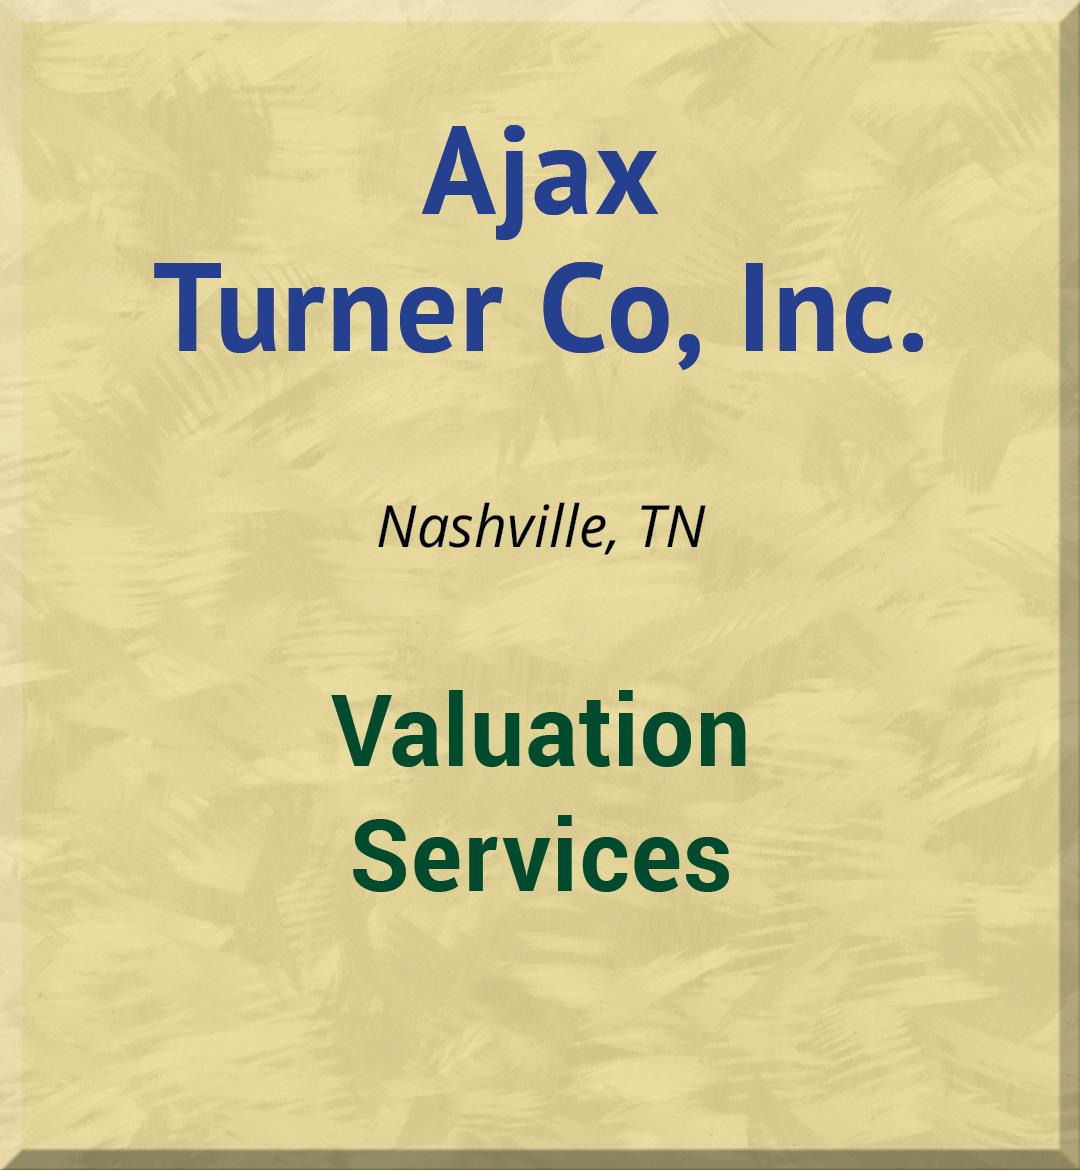 Ajax Turner Co, Inc.